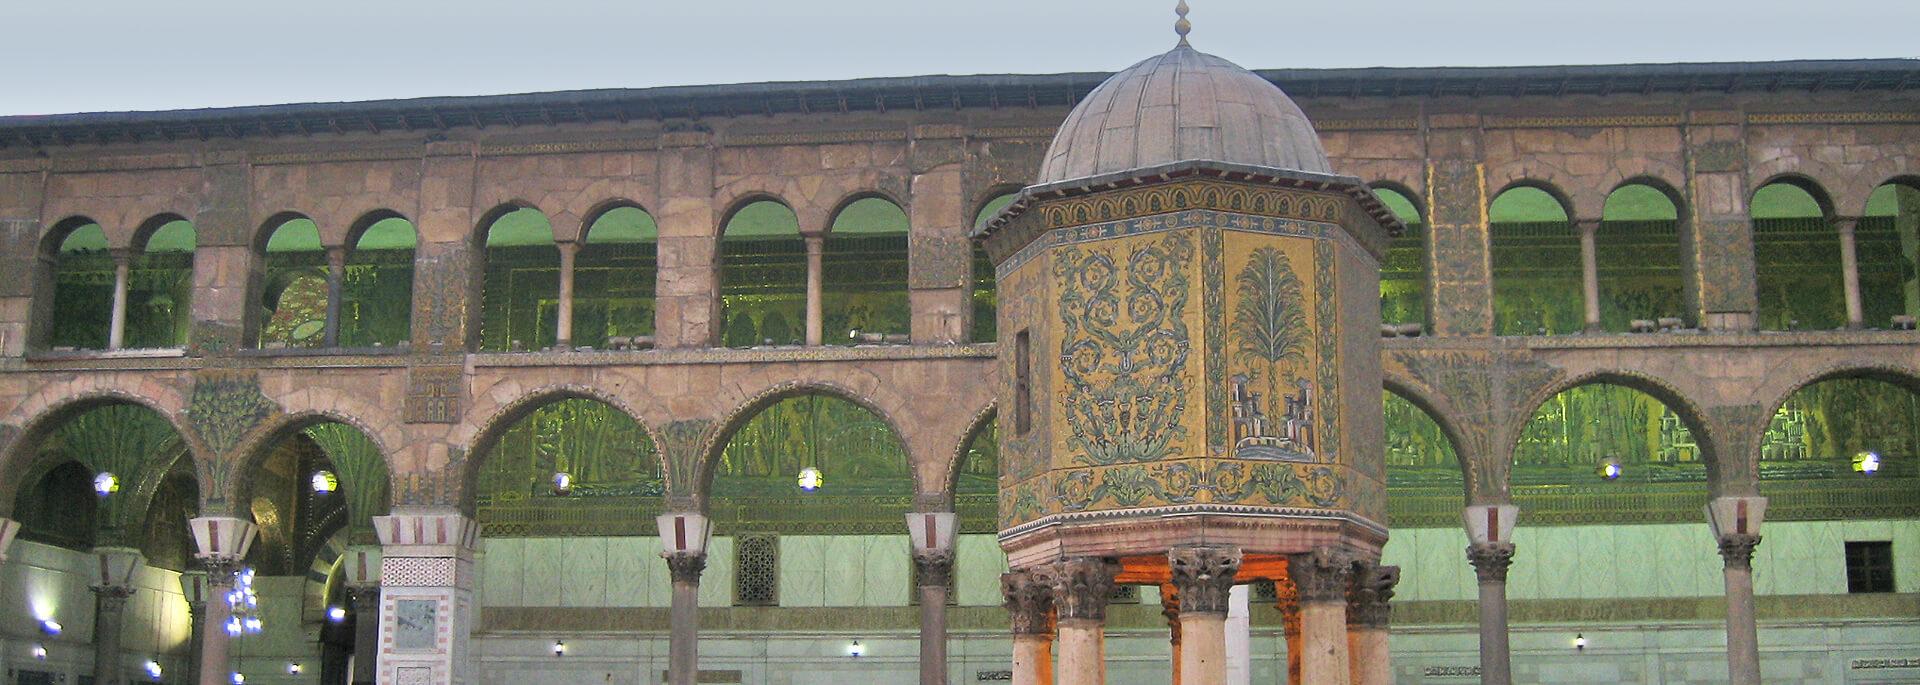 Wie ich in Damaskus' Umayyaden-Moschee zum Obi Wan wurde